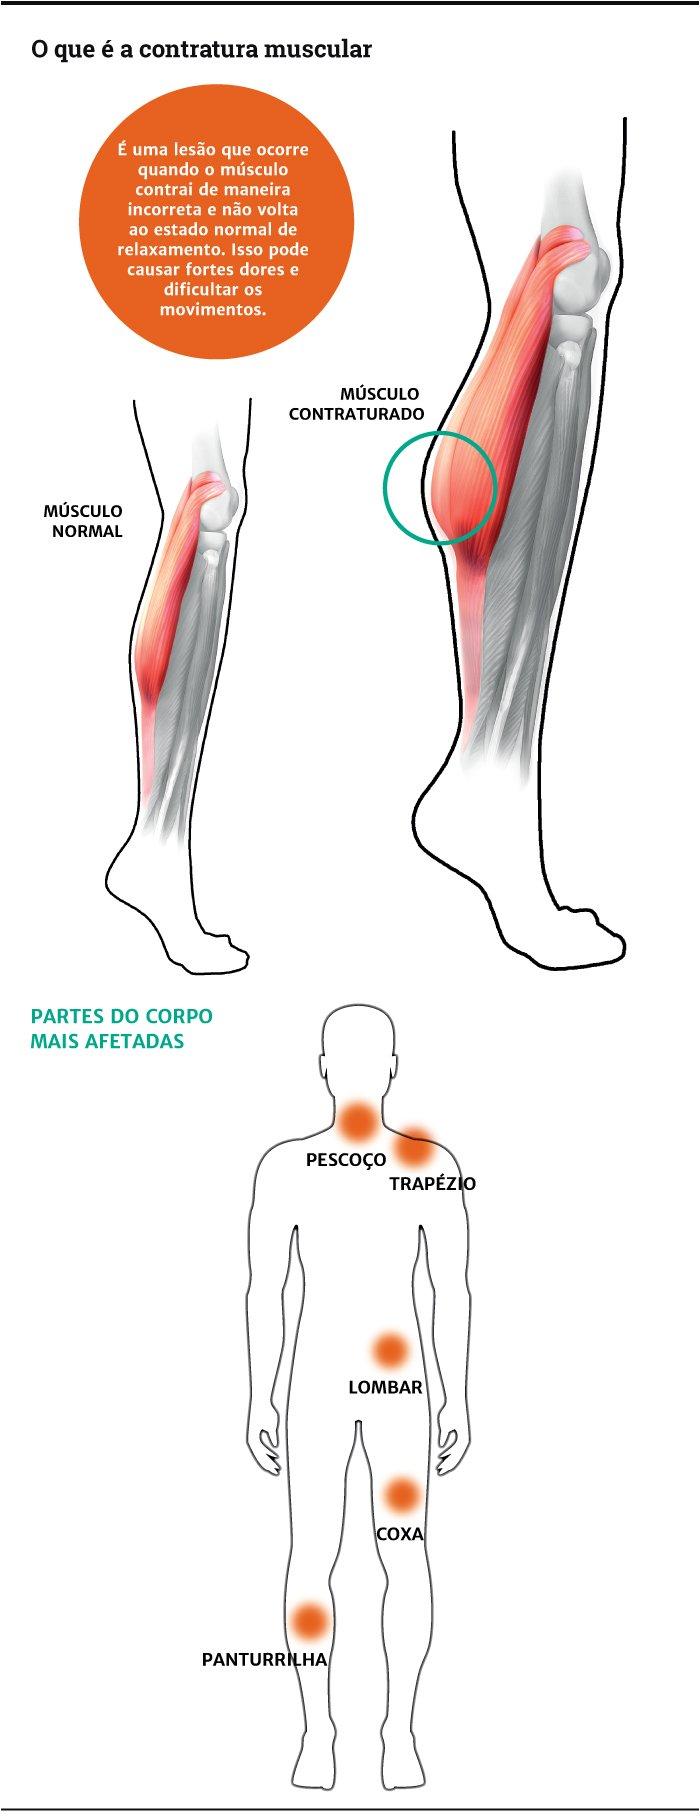 Comum para é um tratamento lesões musculares